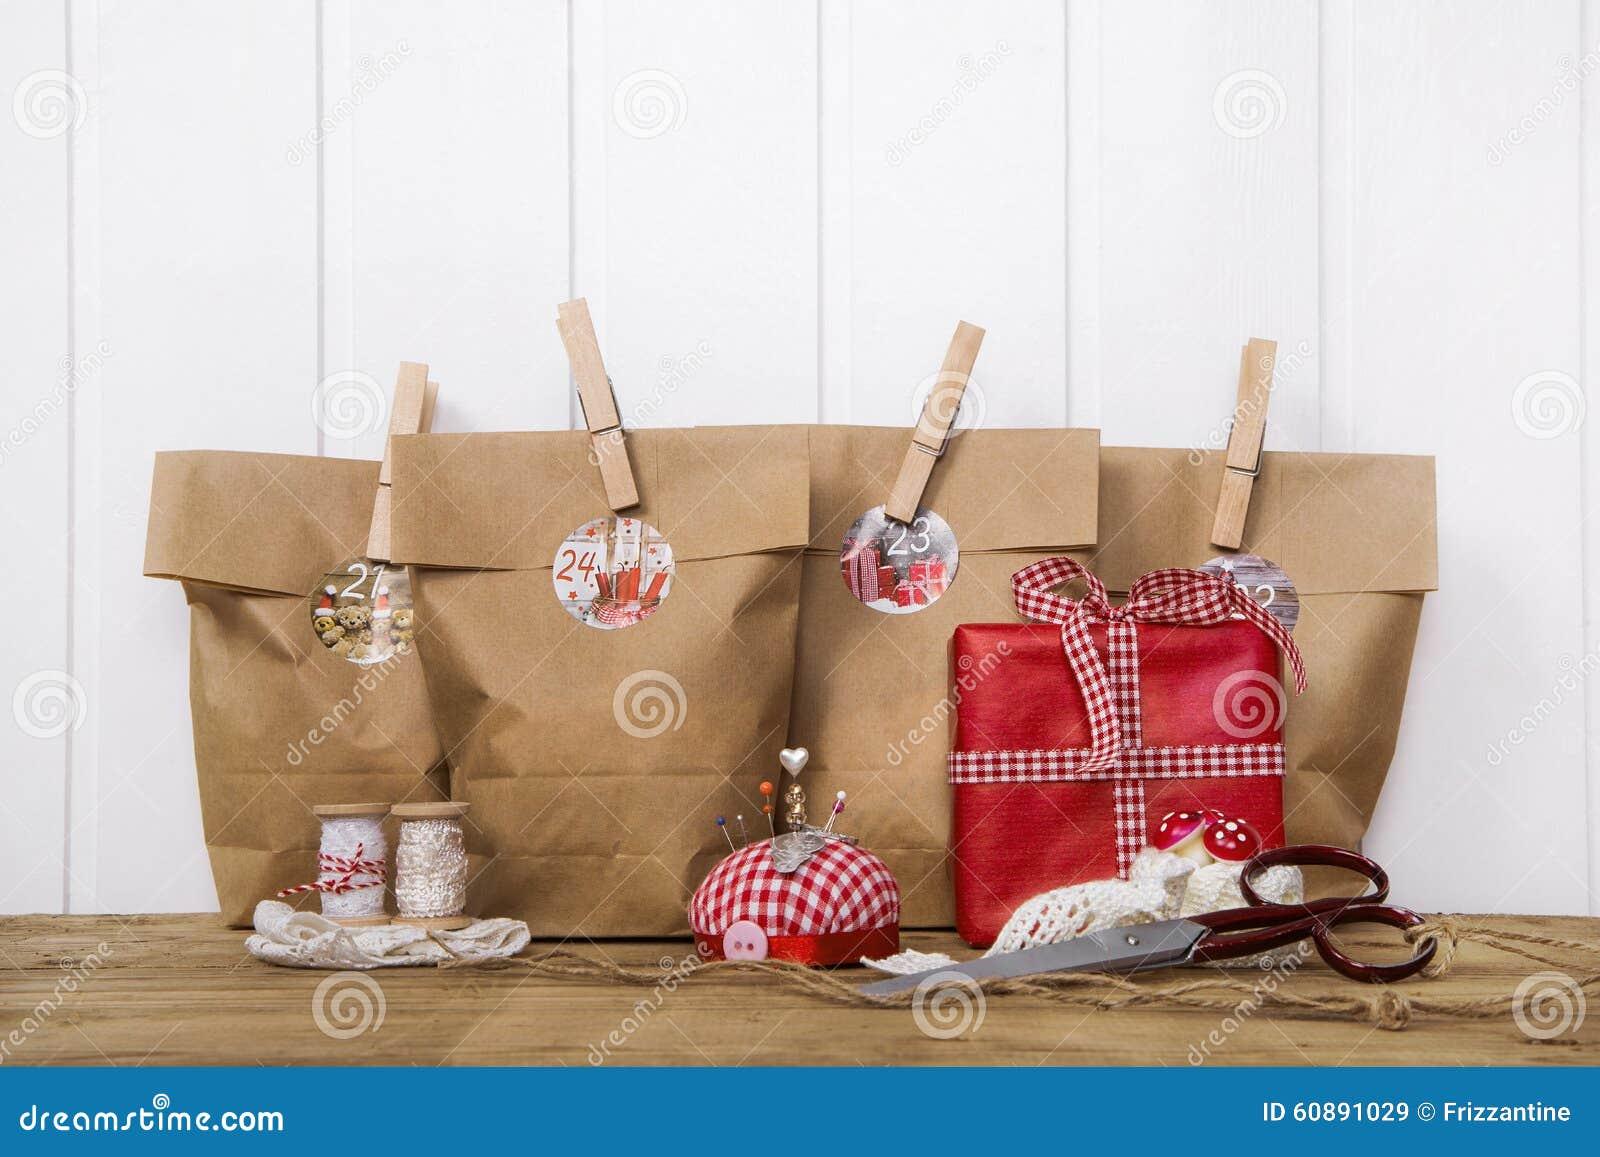 Regalos de navidad hechos a mano envueltos en bolsas de - Regalos a mano ...